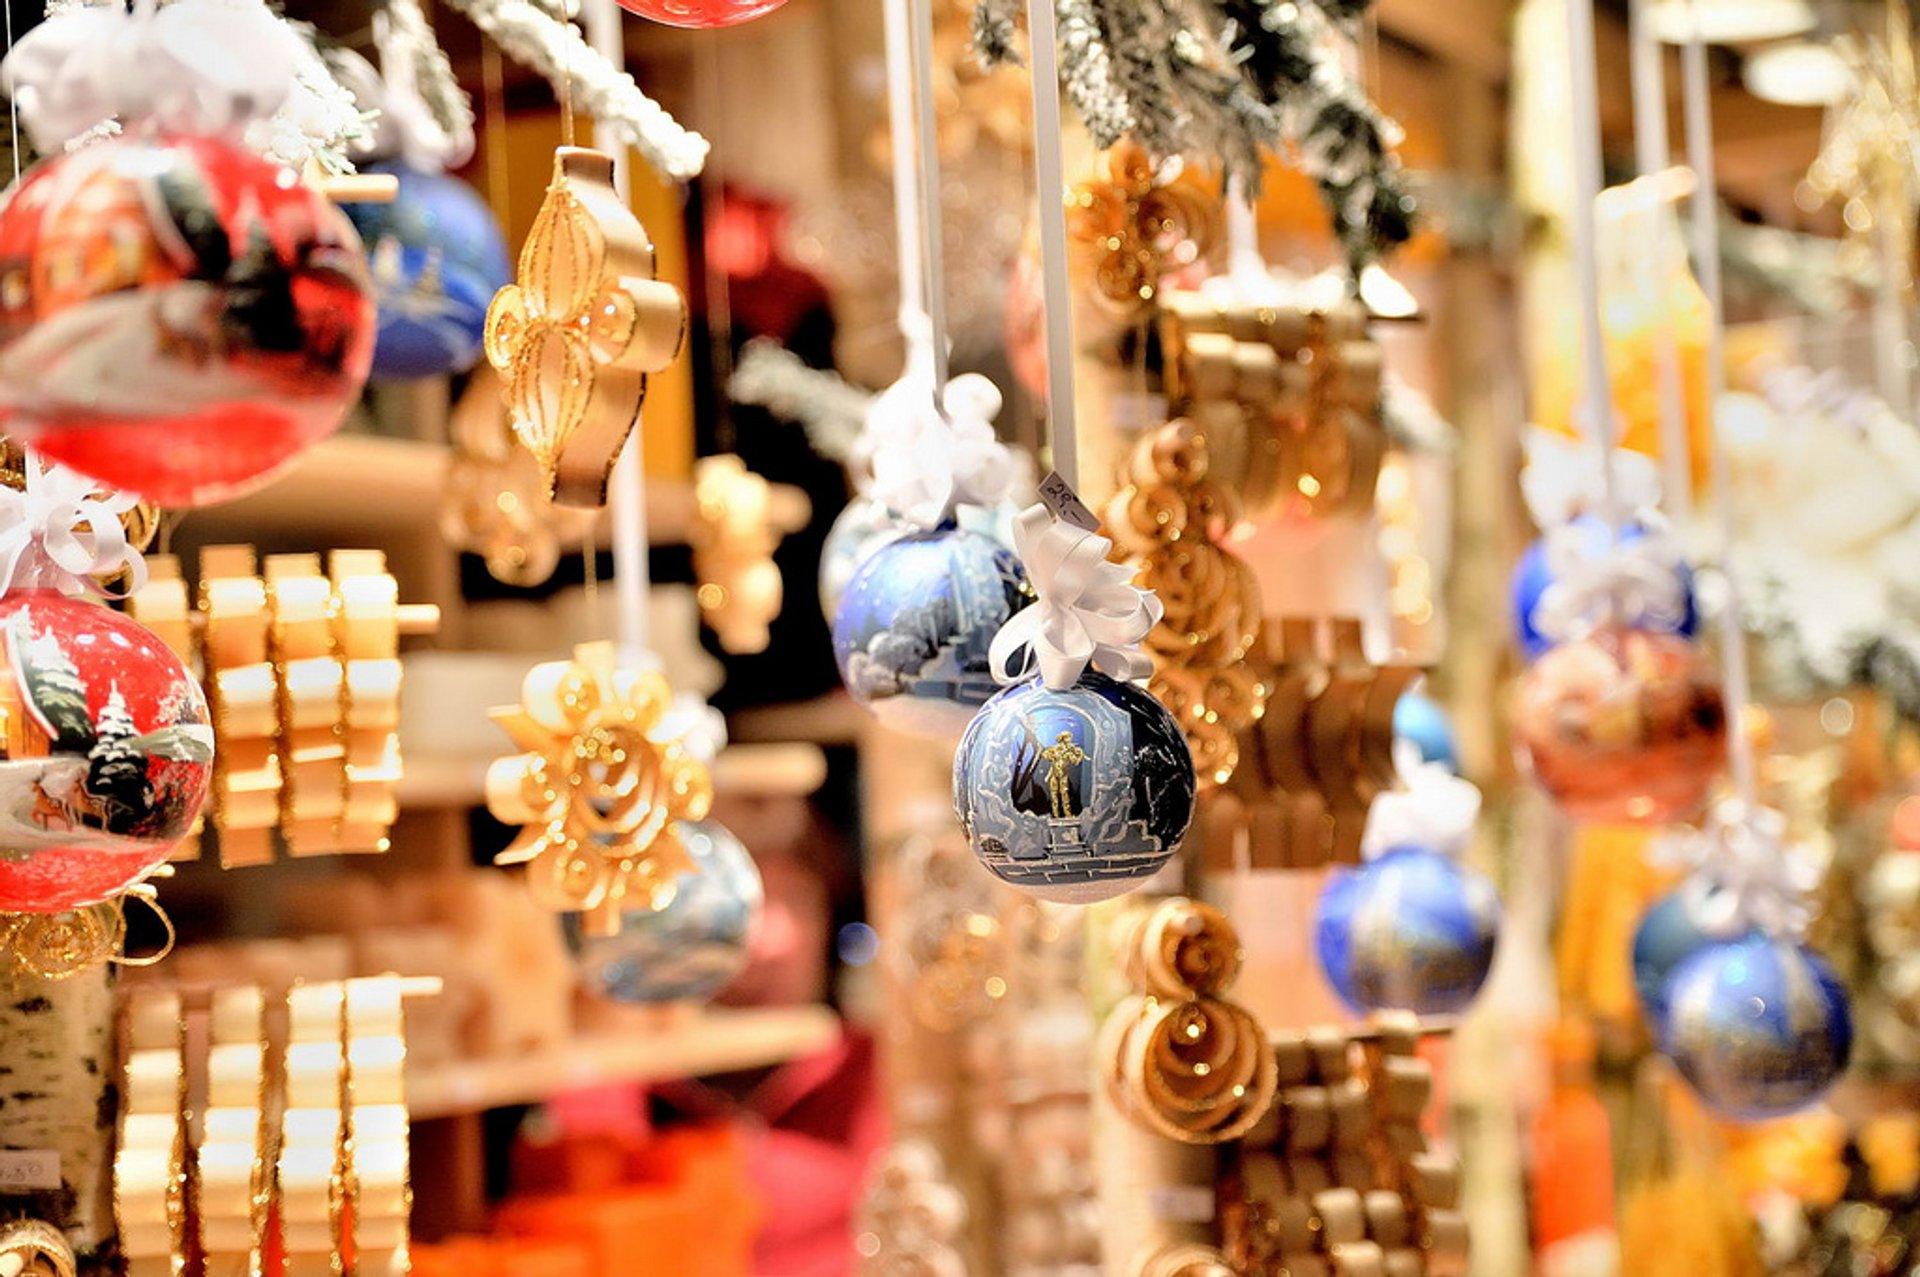 Best time to see Christmas Markets (Weihnachtsmärkte) in Vienna 2019